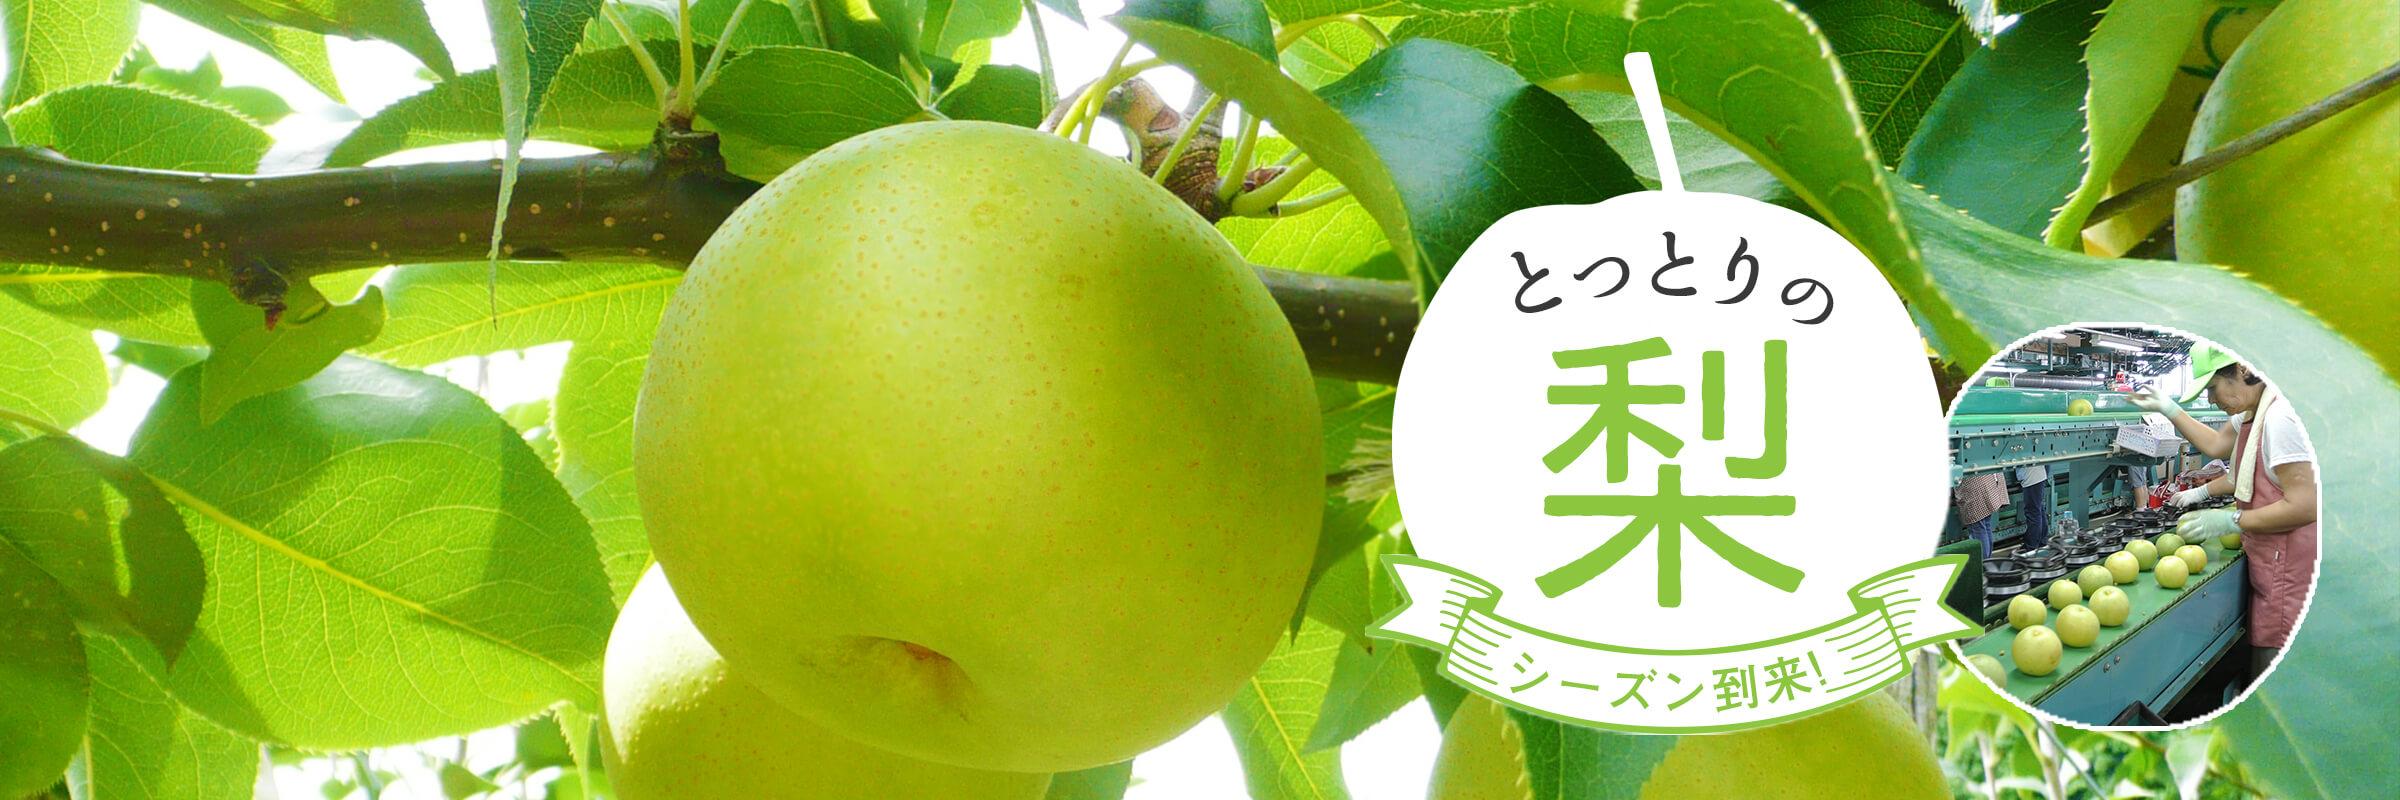 鳥取の梨シーズン到来!